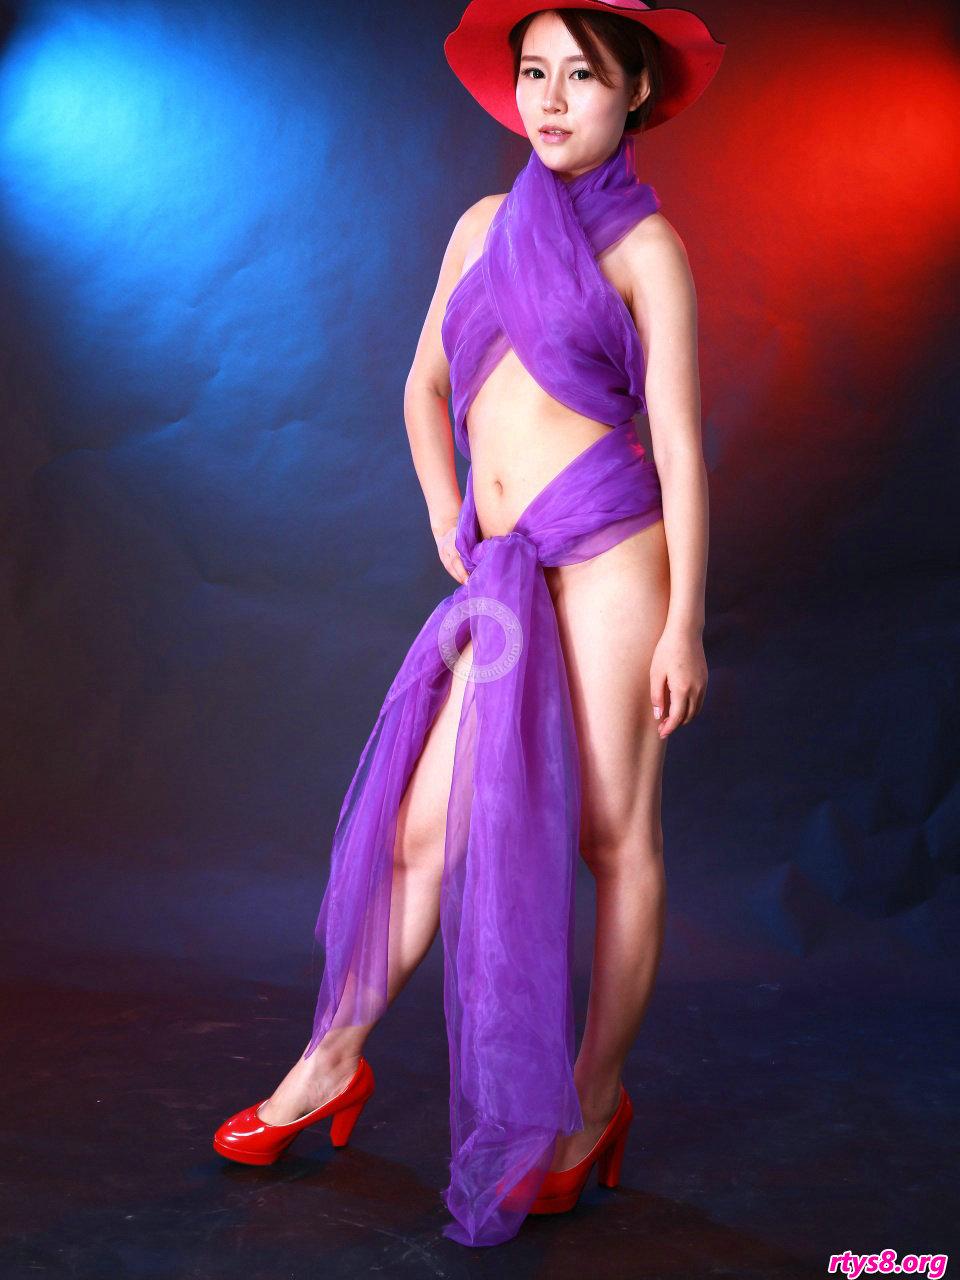 身披紫色丝巾的嫩模阿熙演绎朦胧美